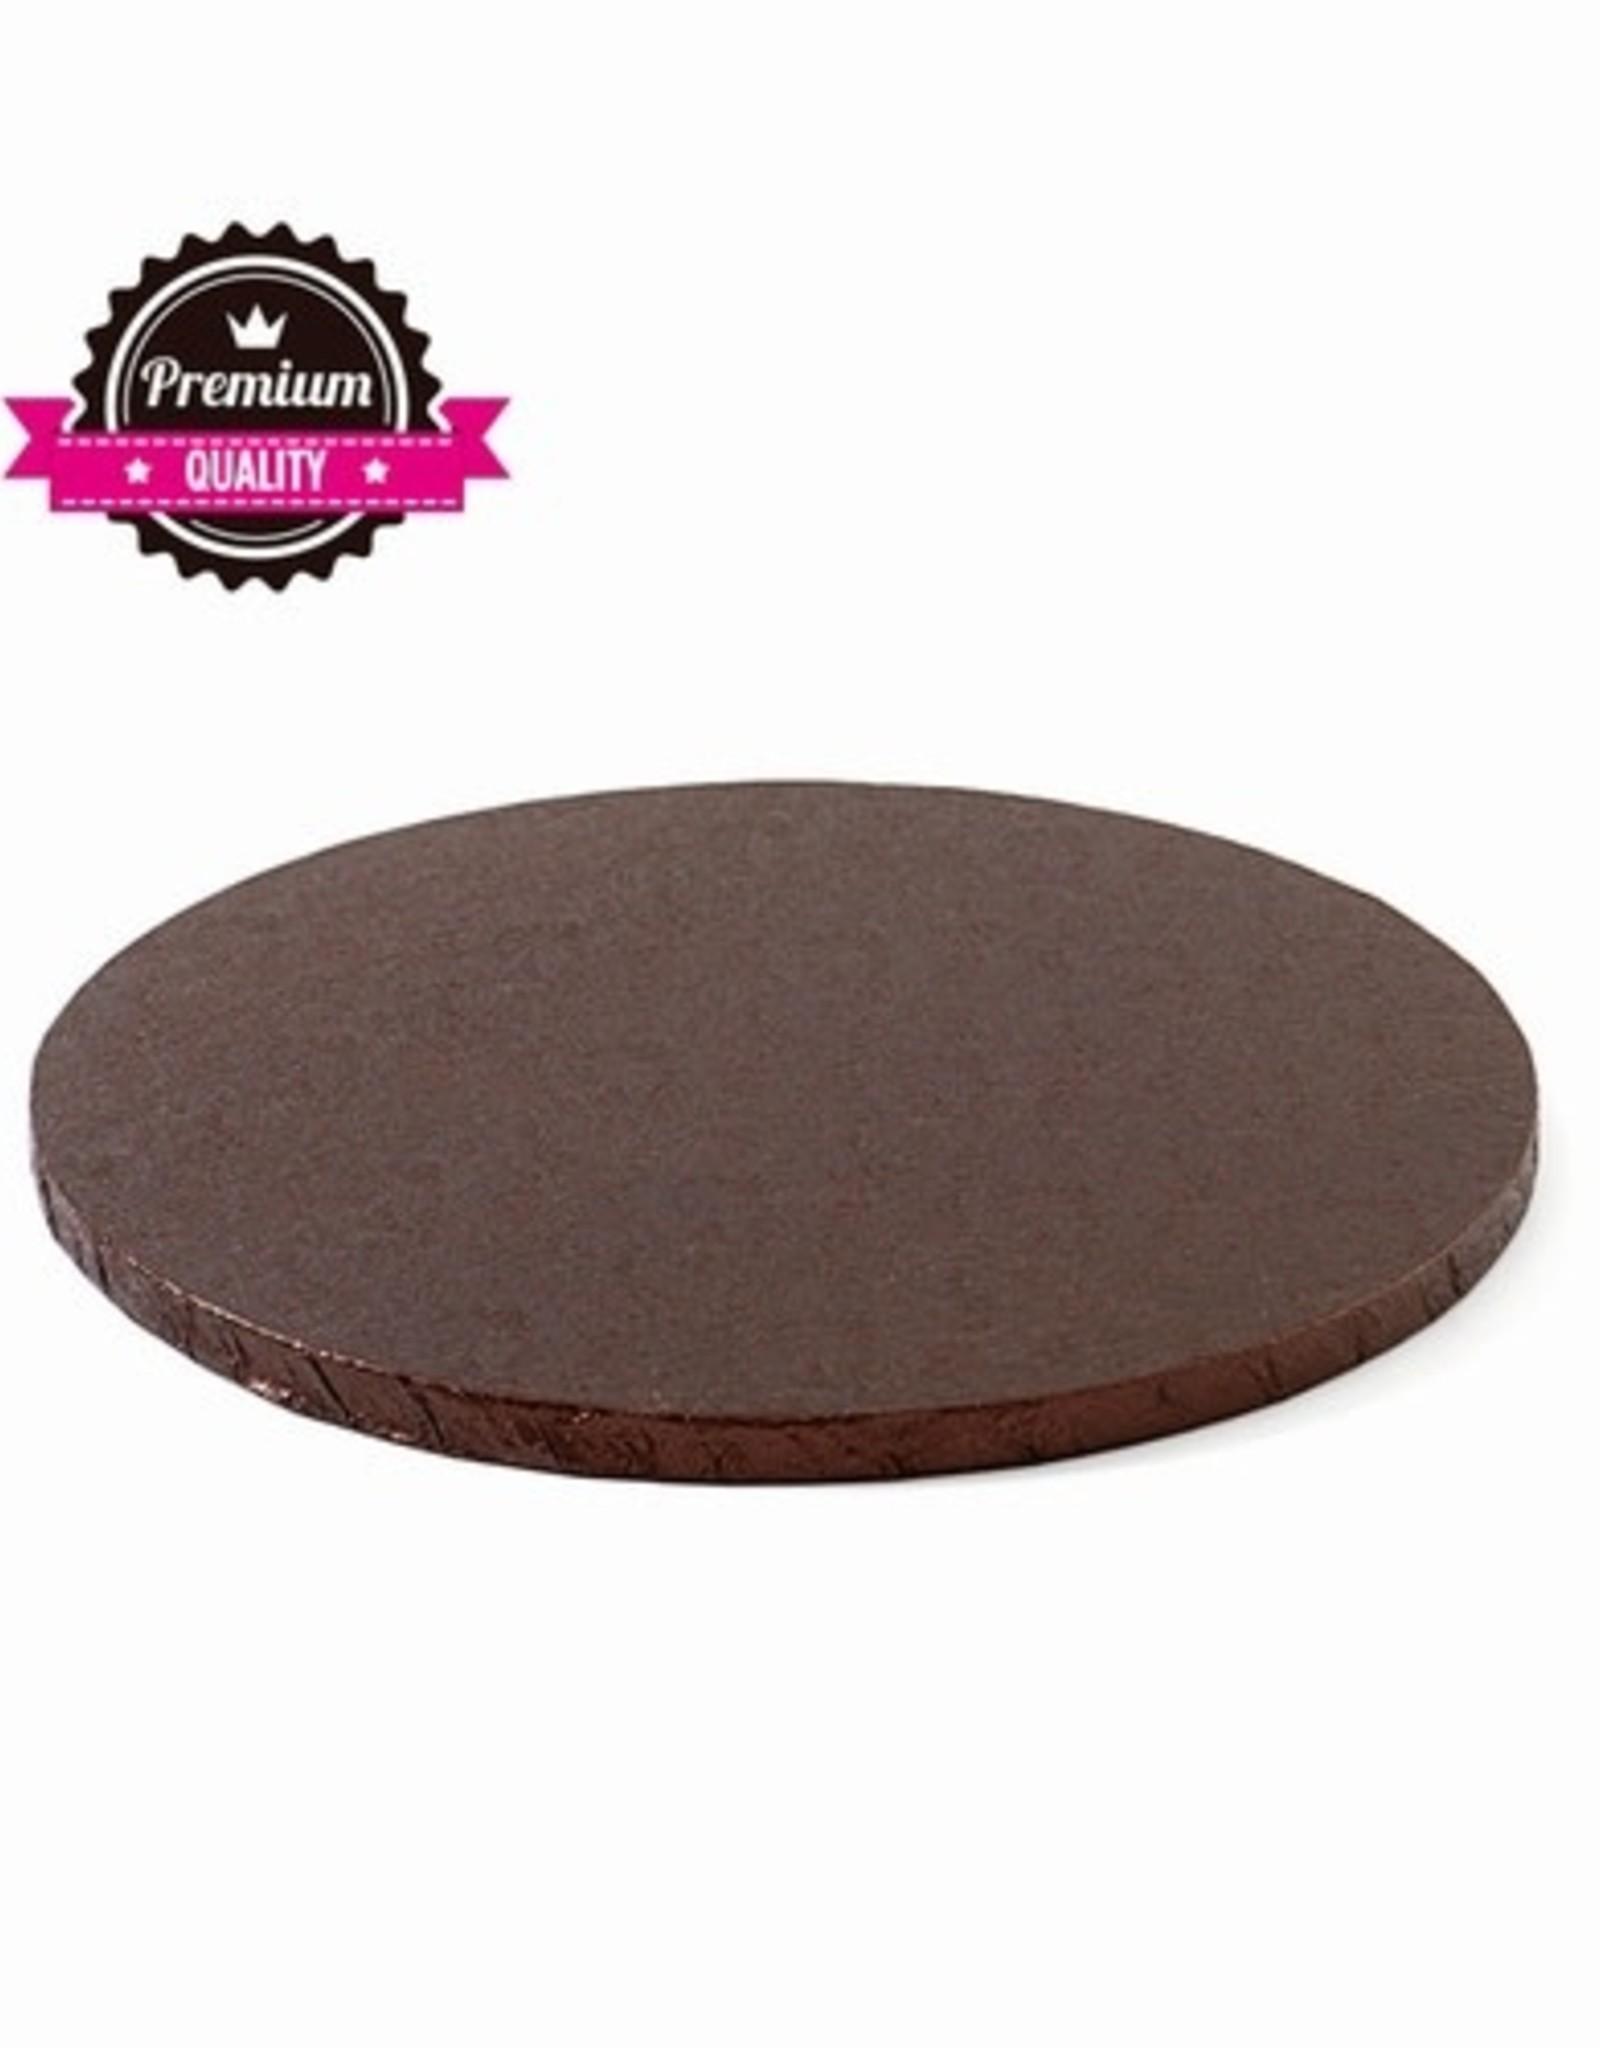 Decora Cake Drum Rond Ø25cm Bruin